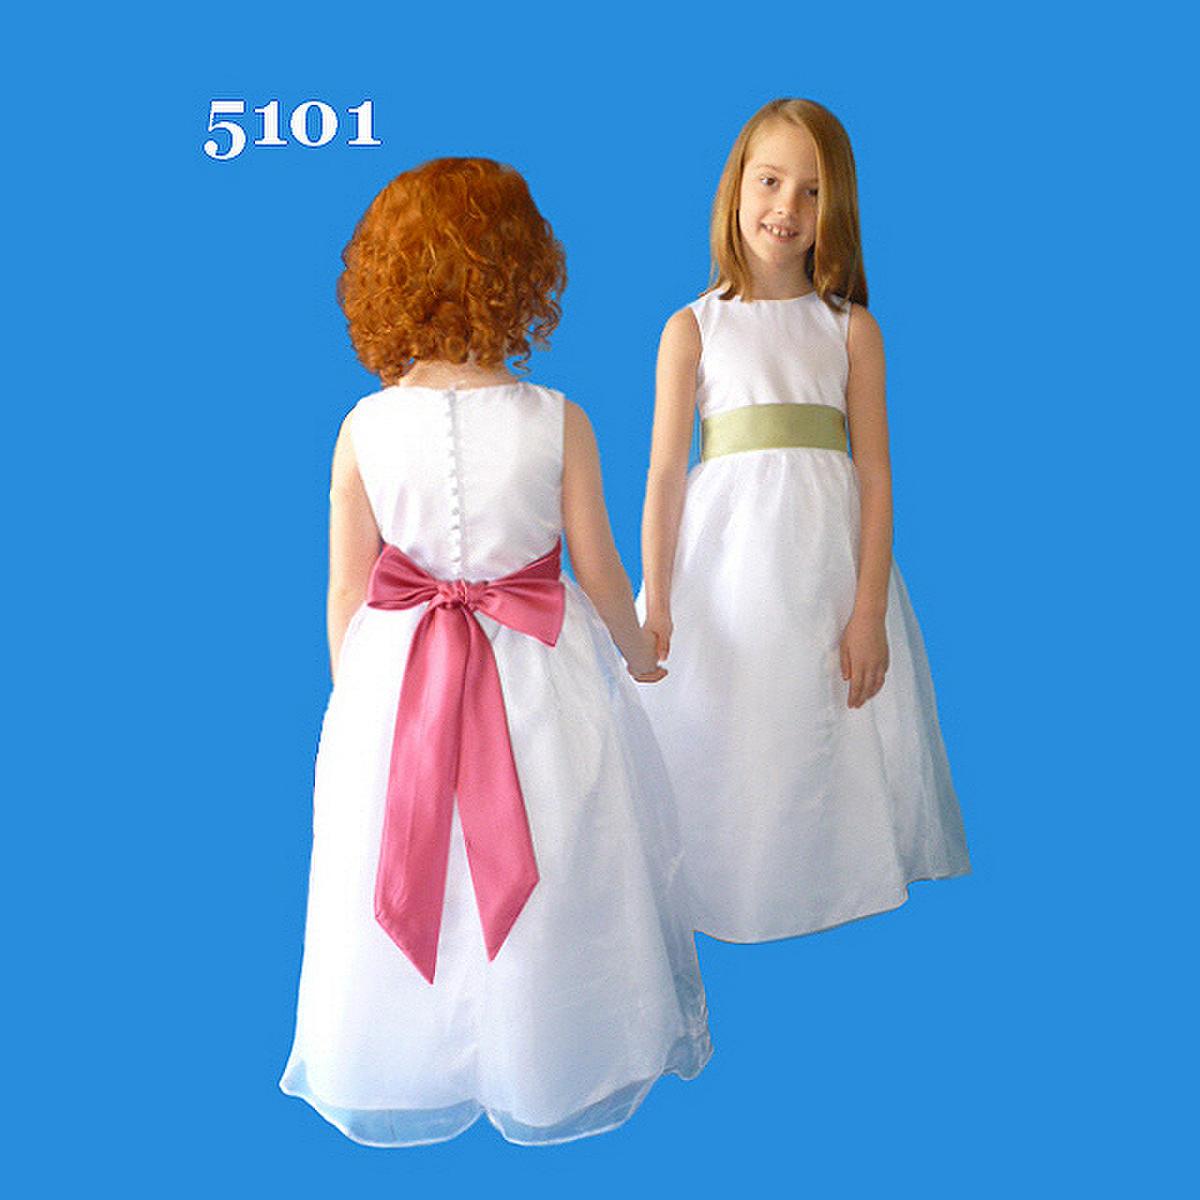 Rosebud Fashions